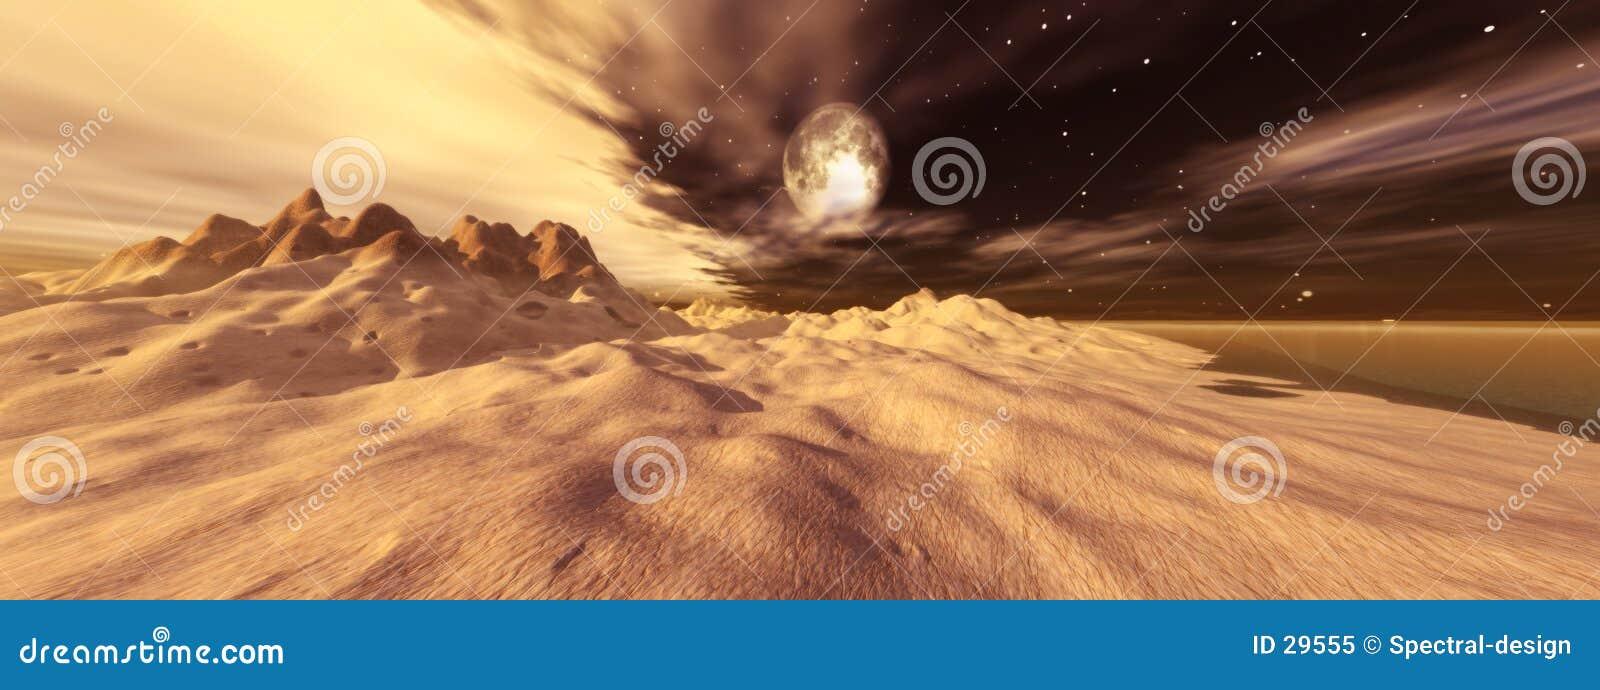 De Maan van Tusken